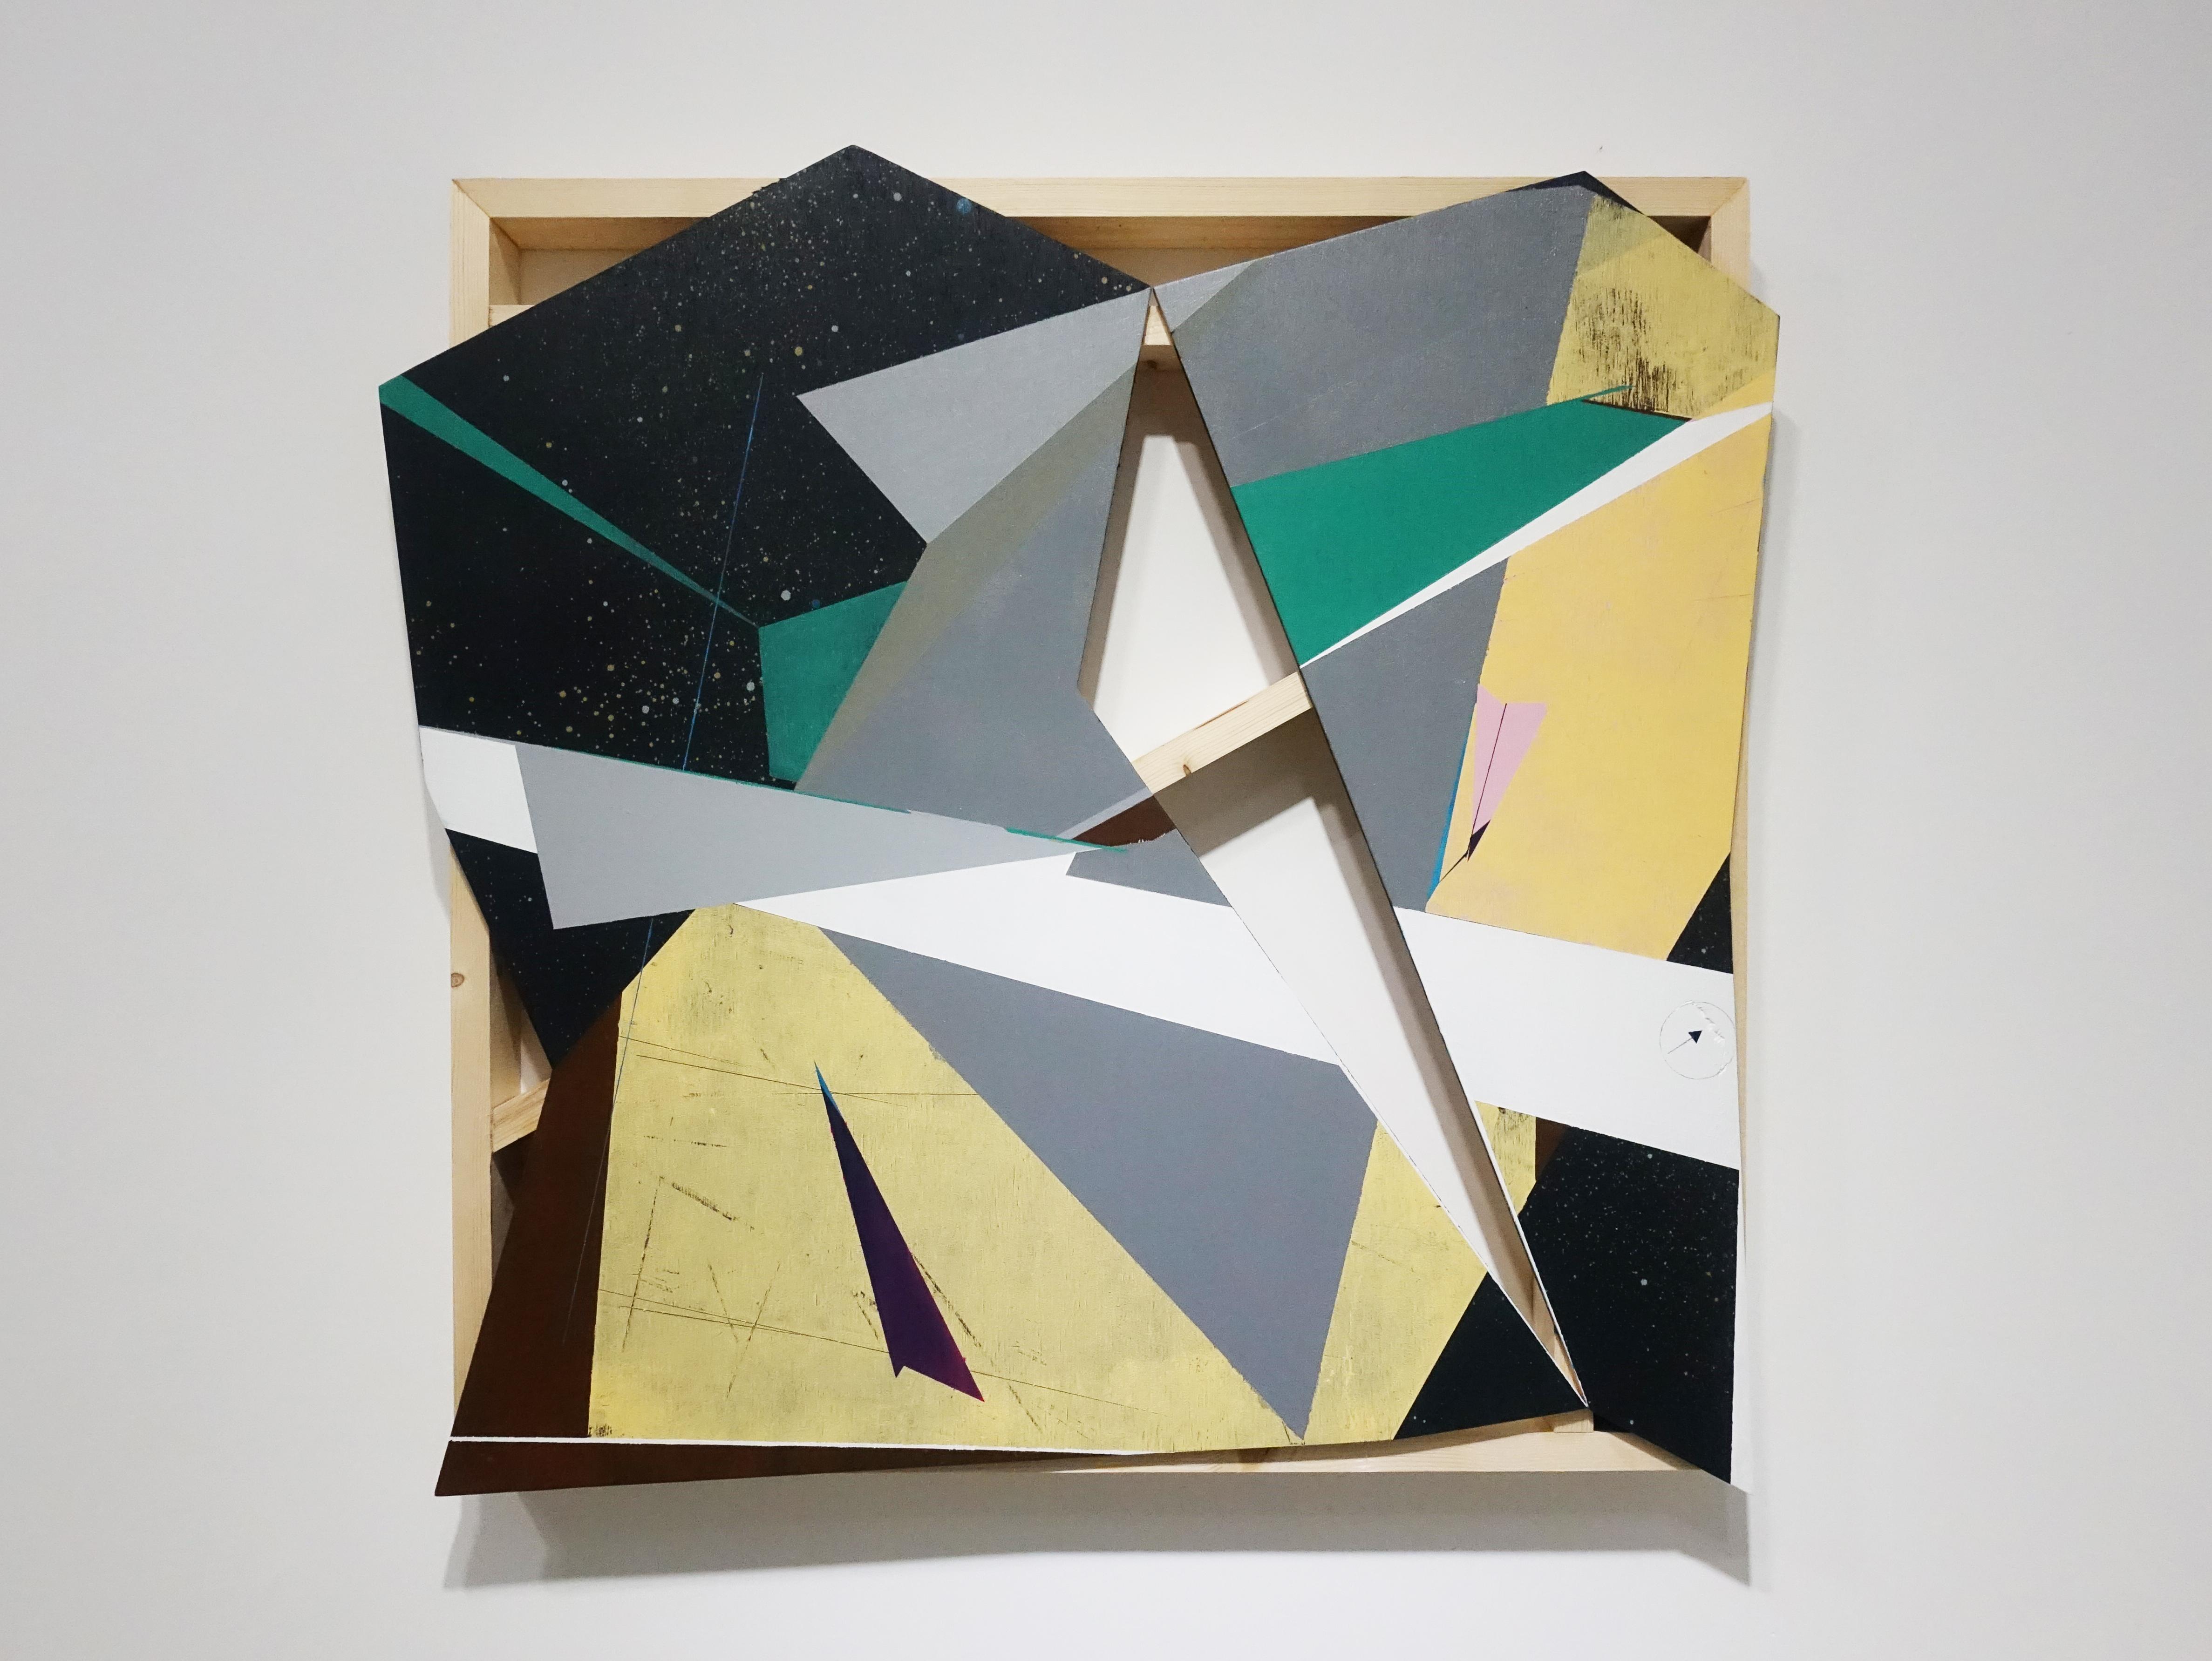 張獻文,《層敘・砌4》,60x60x5 cm,木板、丙烯酸顏料、炭精筆、鉛筆,2019。